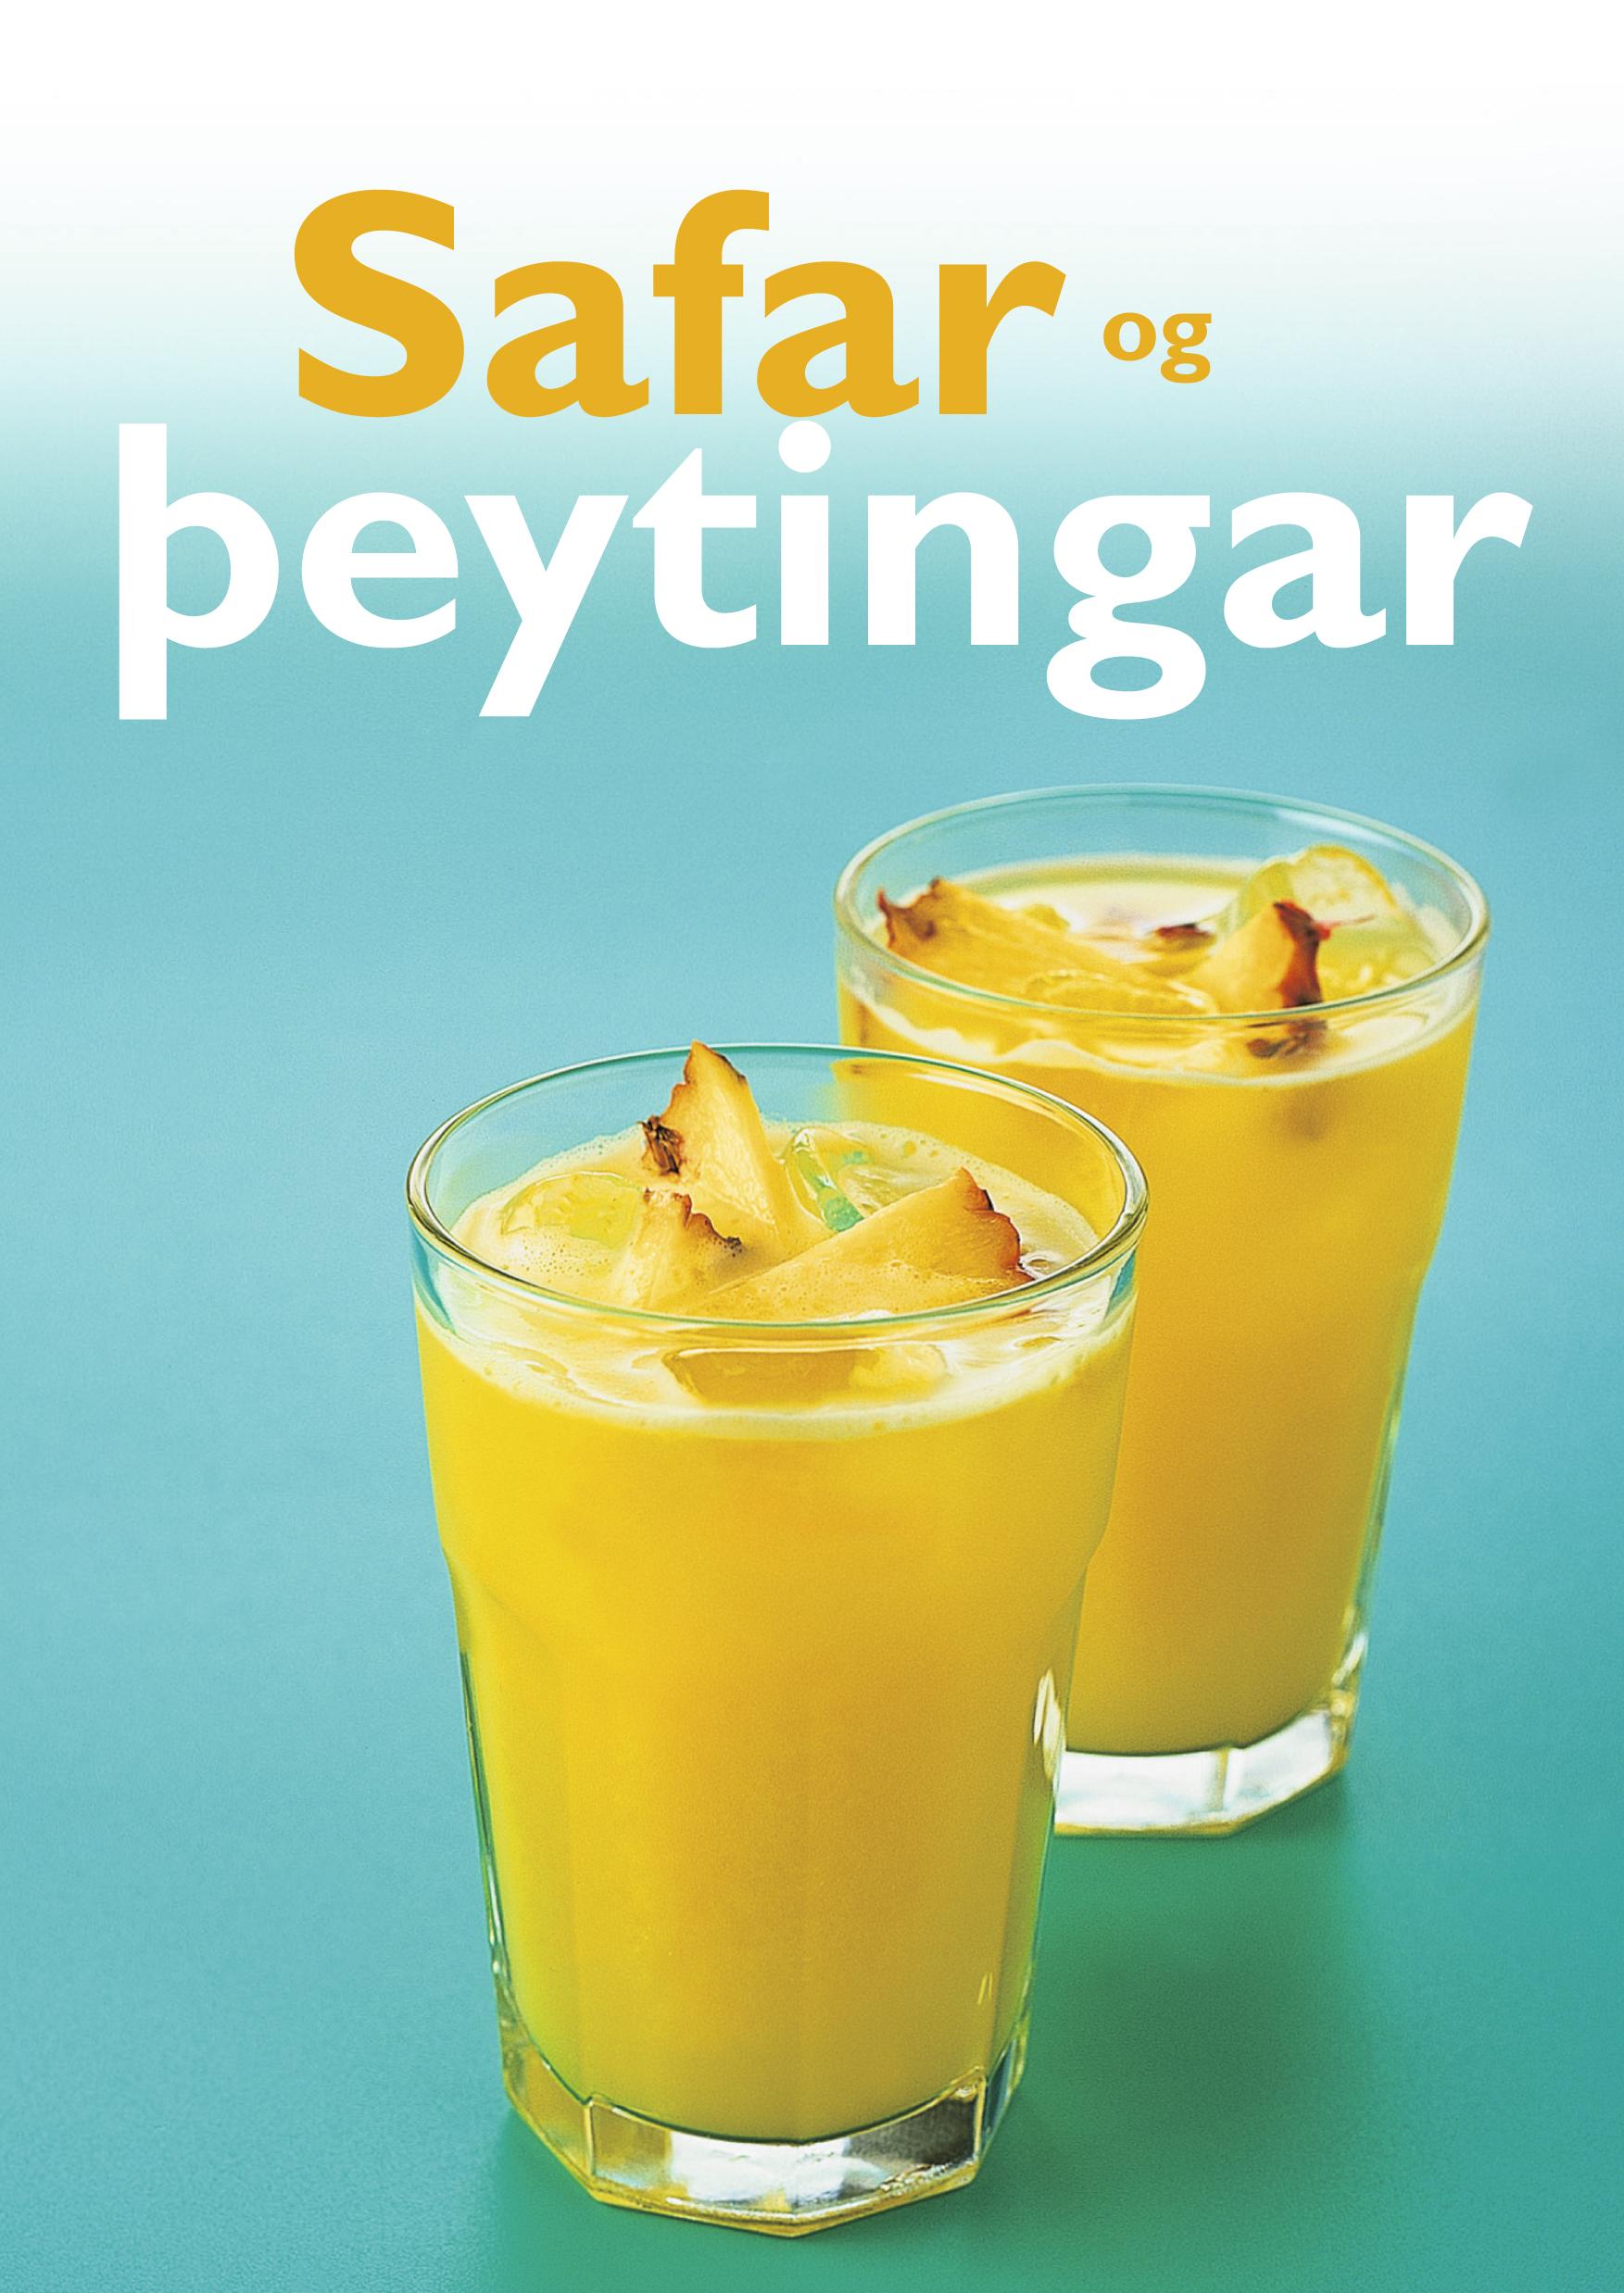 Safar og þeytingar